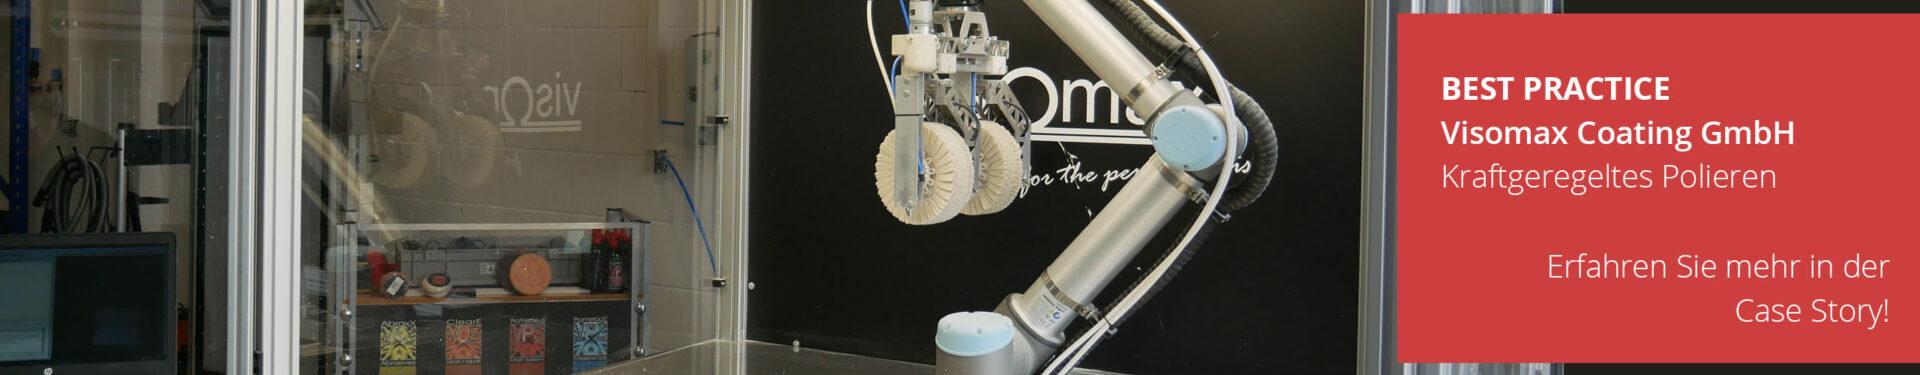 ArtiMinds Robotics – Referenz CS-Visomax